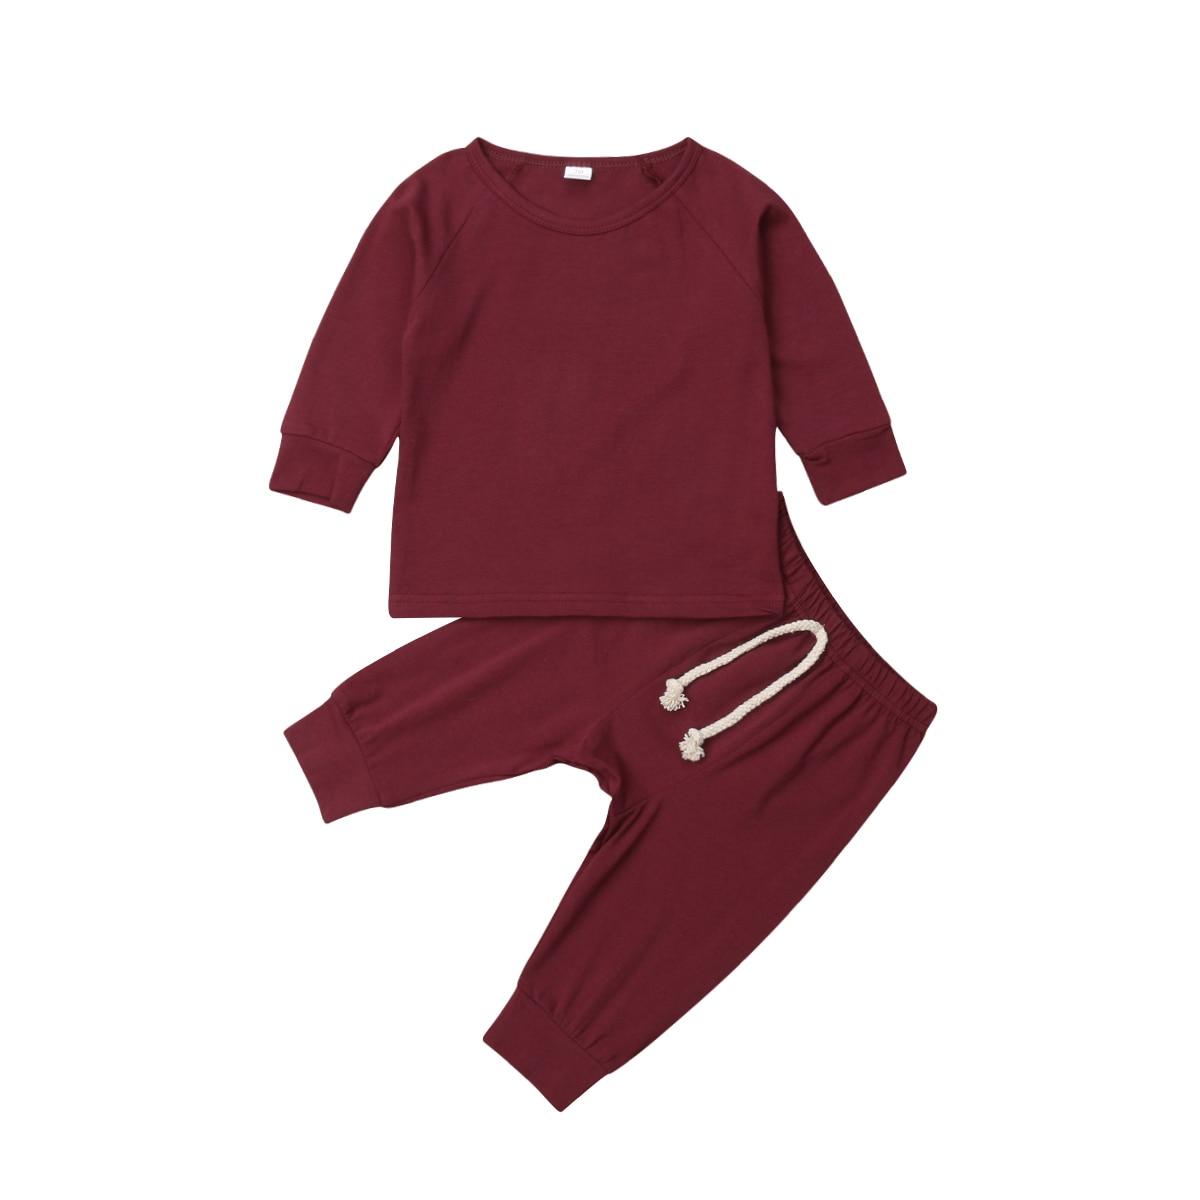 Хлопковый пижамный комплект с длинными рукавами для новорожденных мальчиков и девочек от 0 до 24 месяцев, одежда для сна, одежда для сна, топы и штаны, комплекты одежды для малышей из 2 предметов - Цвет: Wine Red